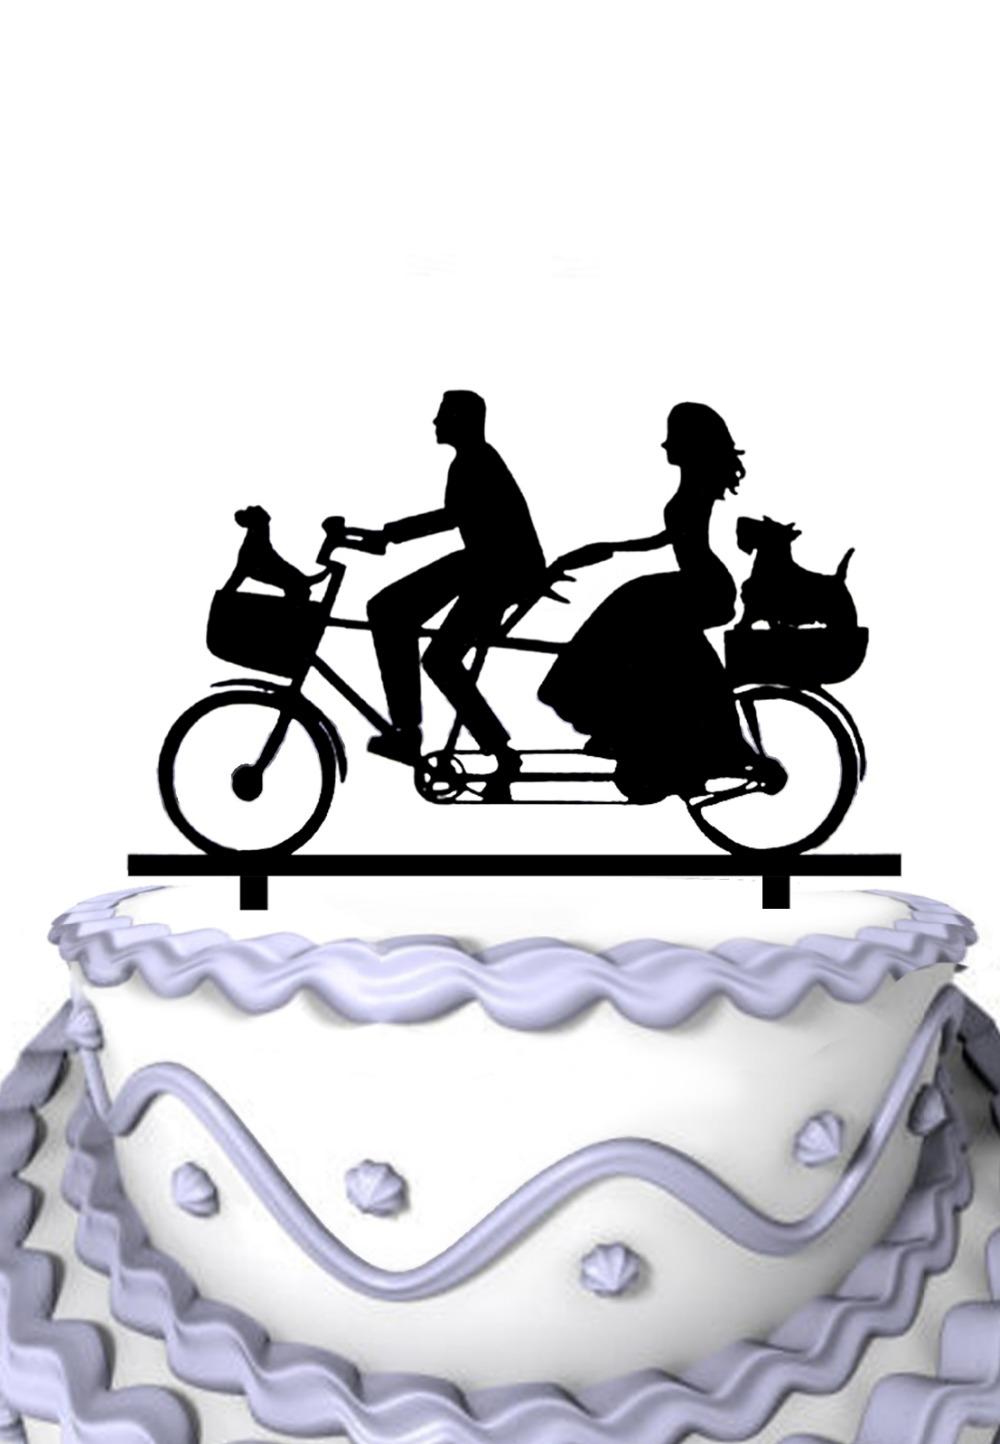 Acrylic Wedding Cake Topper Riding Bicycle Couple With Two Pet Dog Wedding Cake Decoration(China (Mainland))